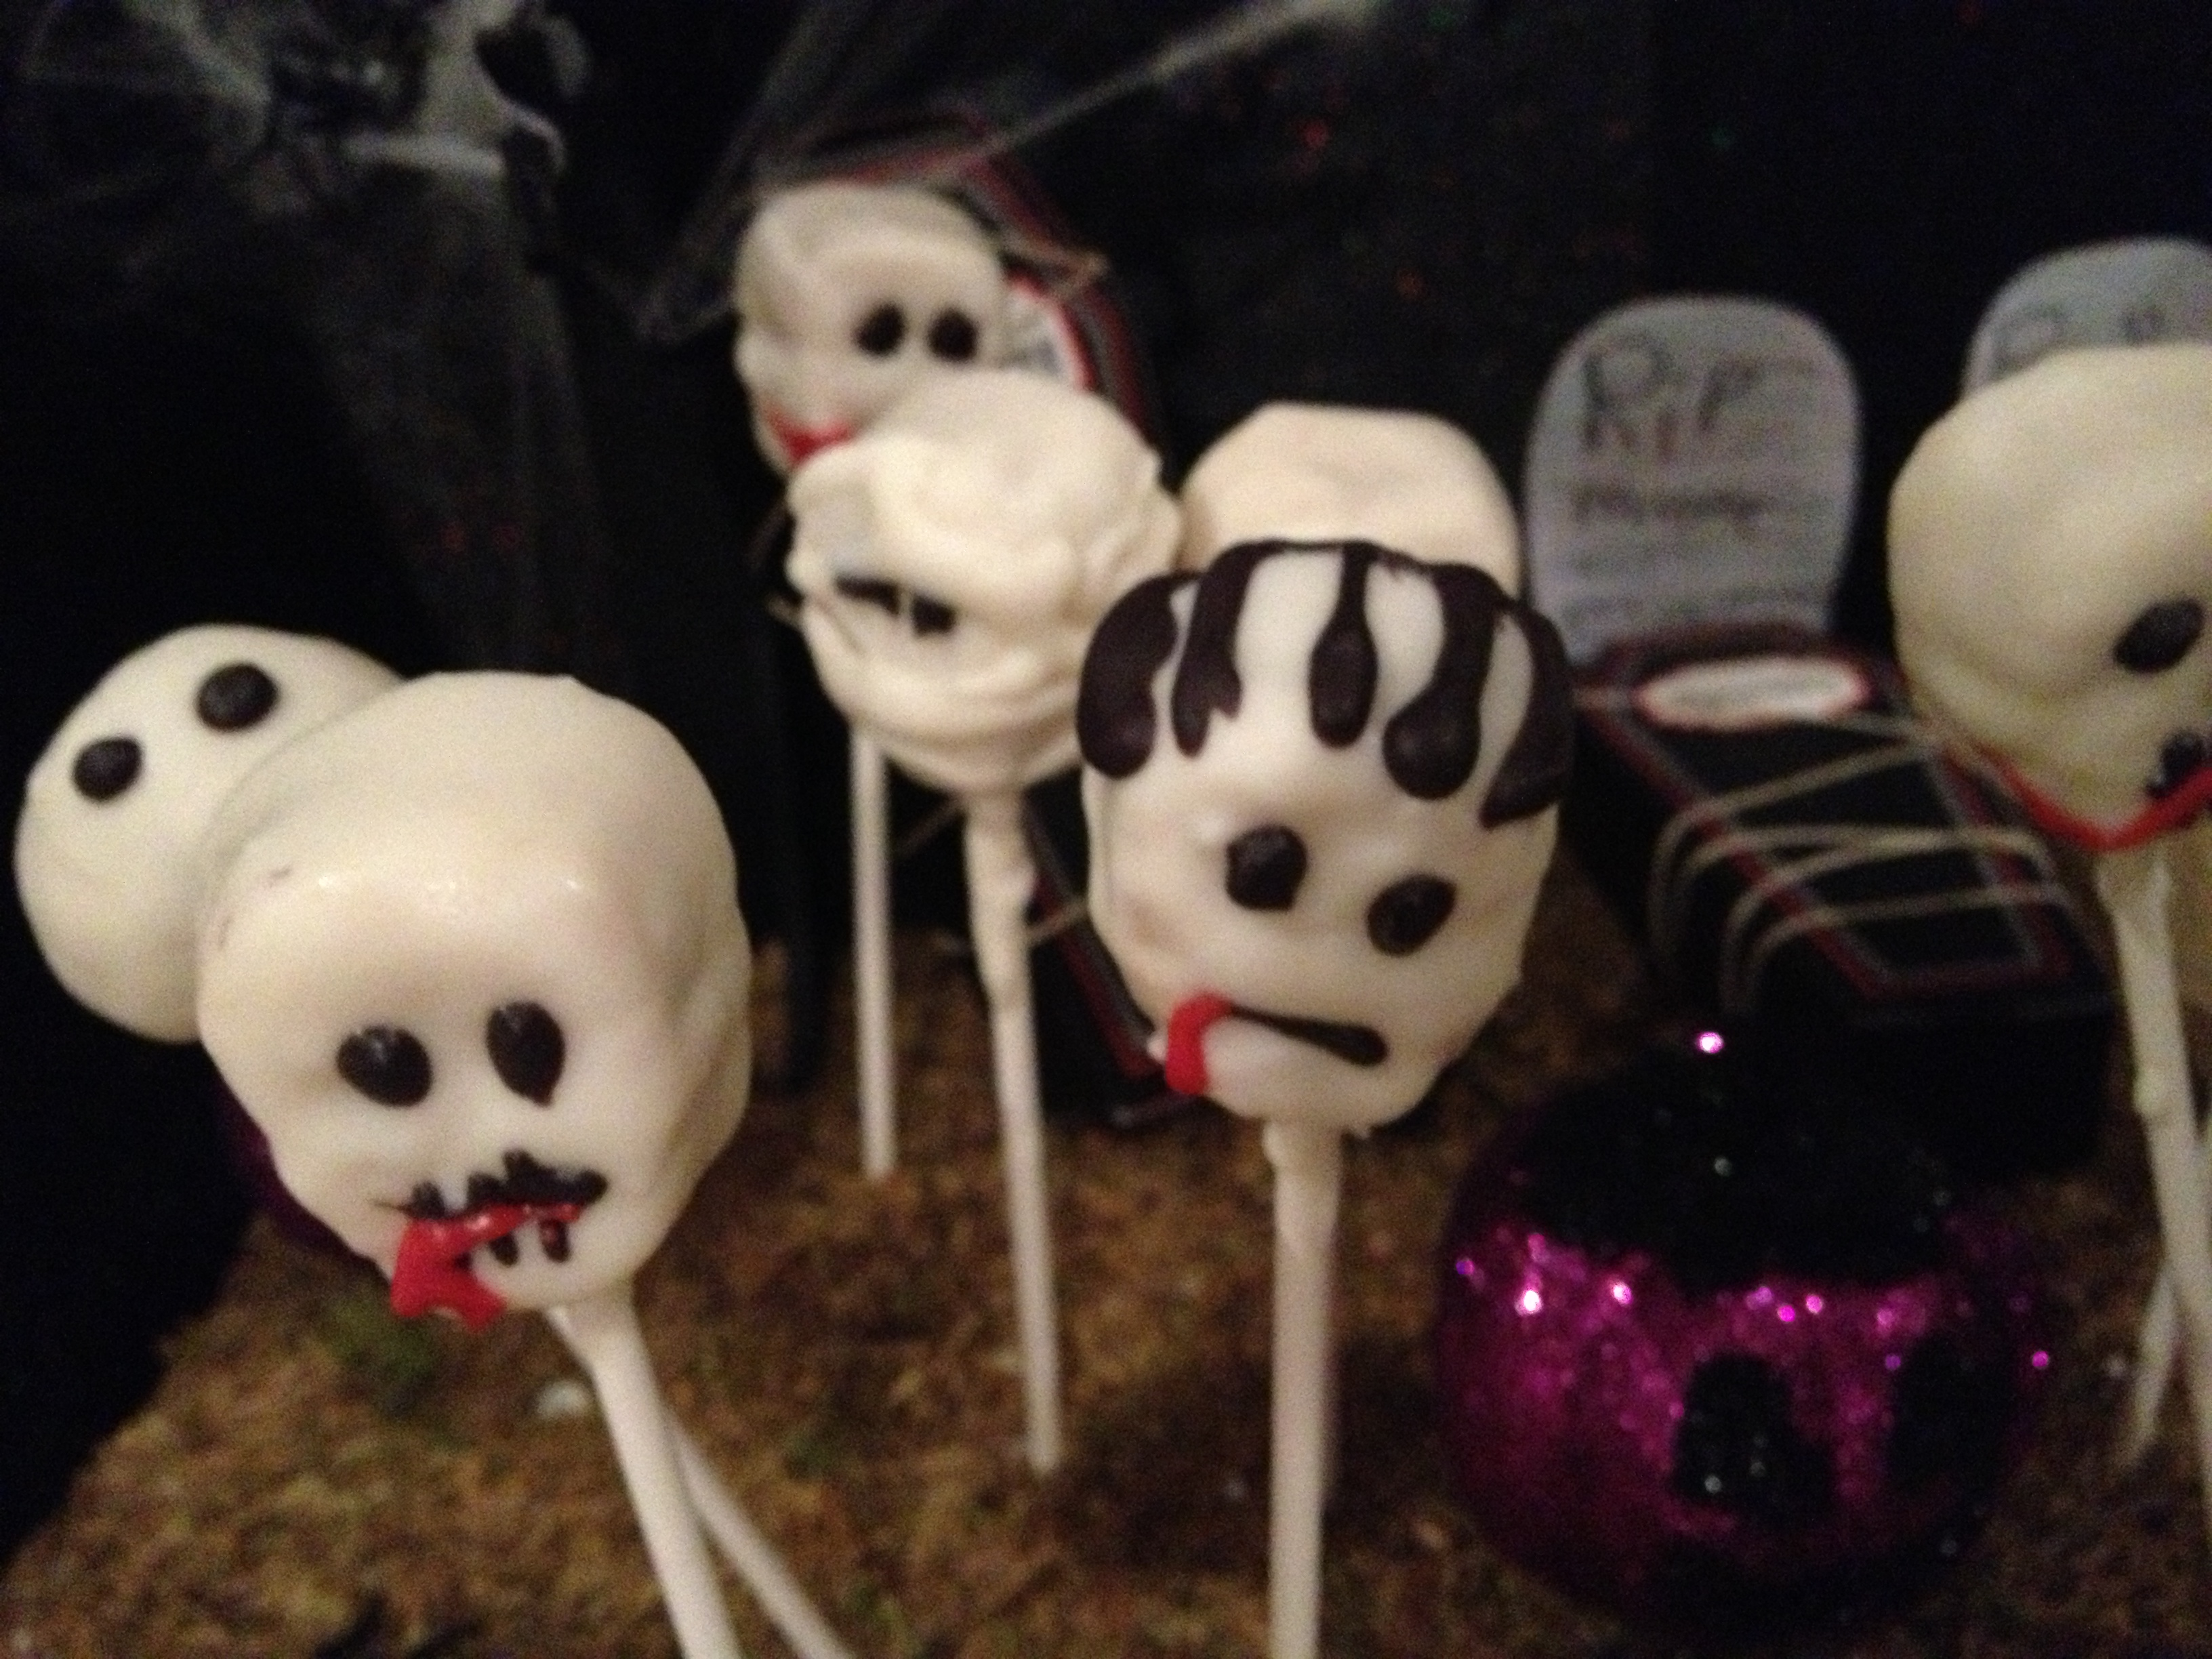 zombie cakepops